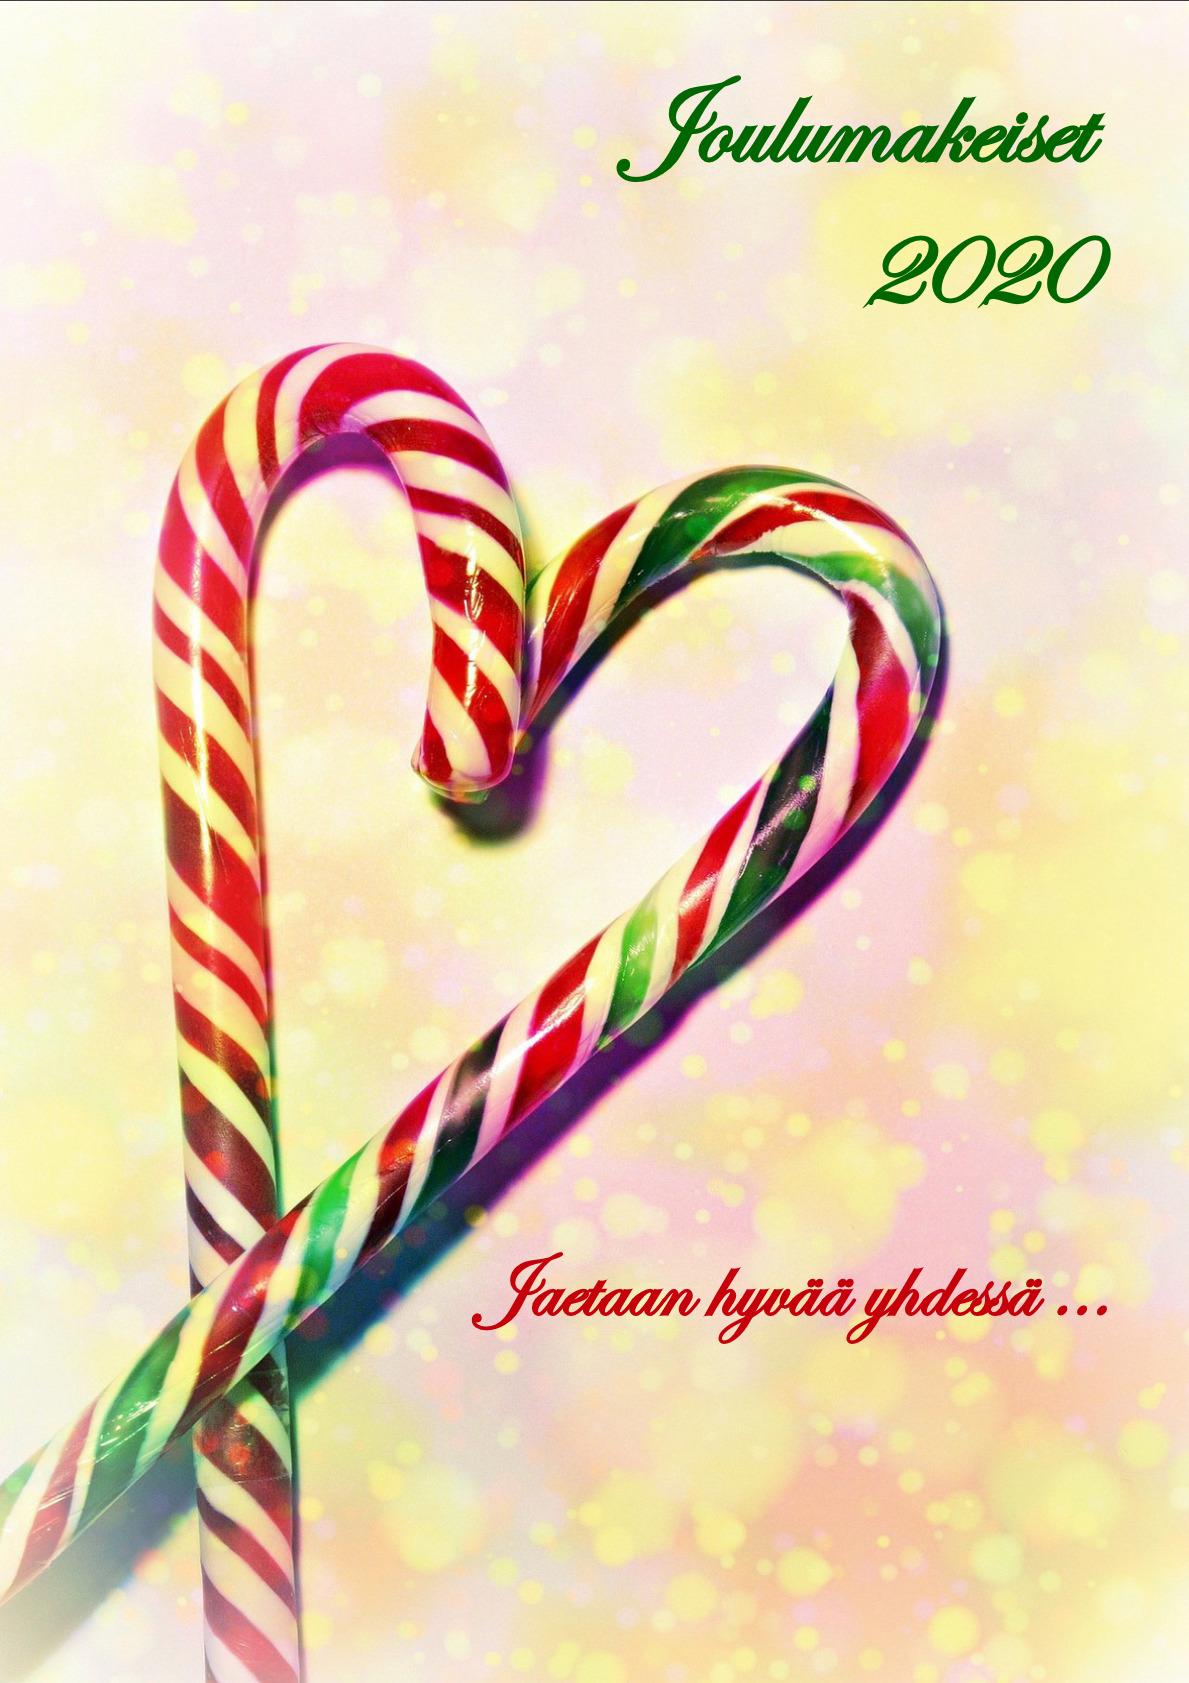 Promotus Joulu 2020